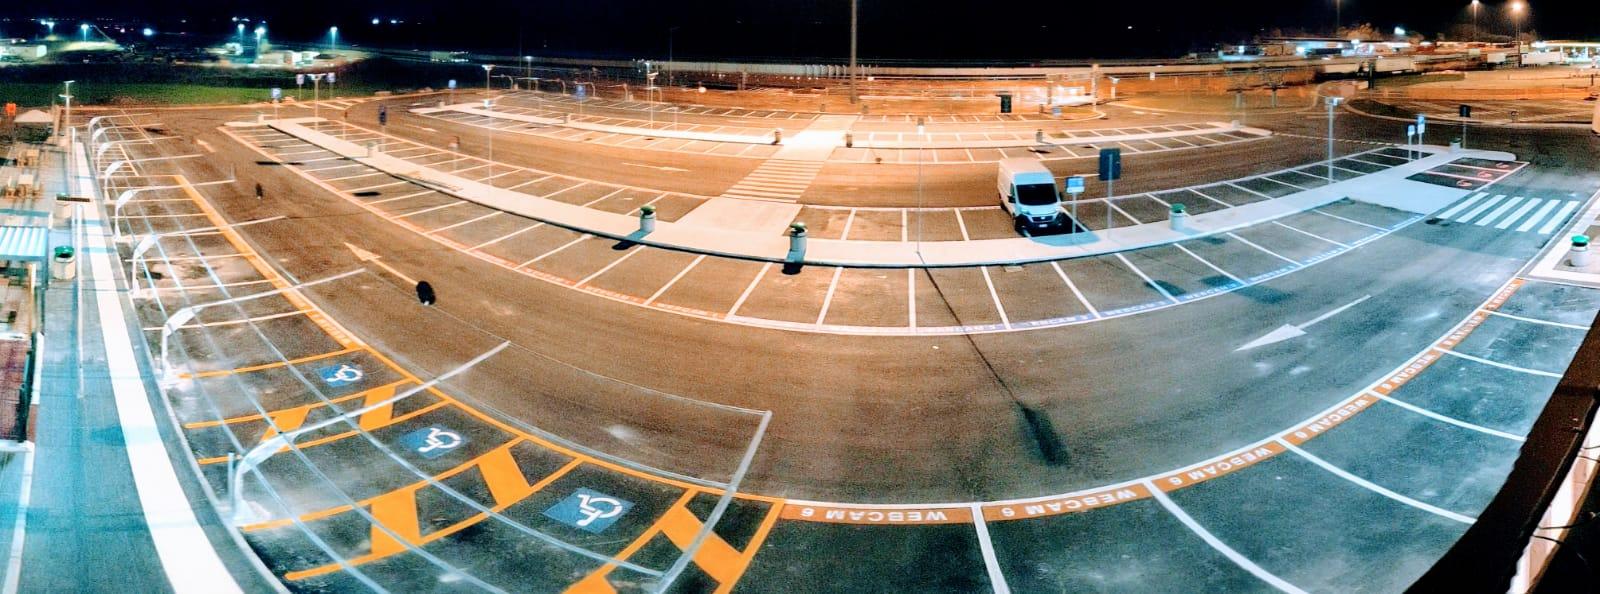 lampioni 3000 lumen solari parcheggio autostrada